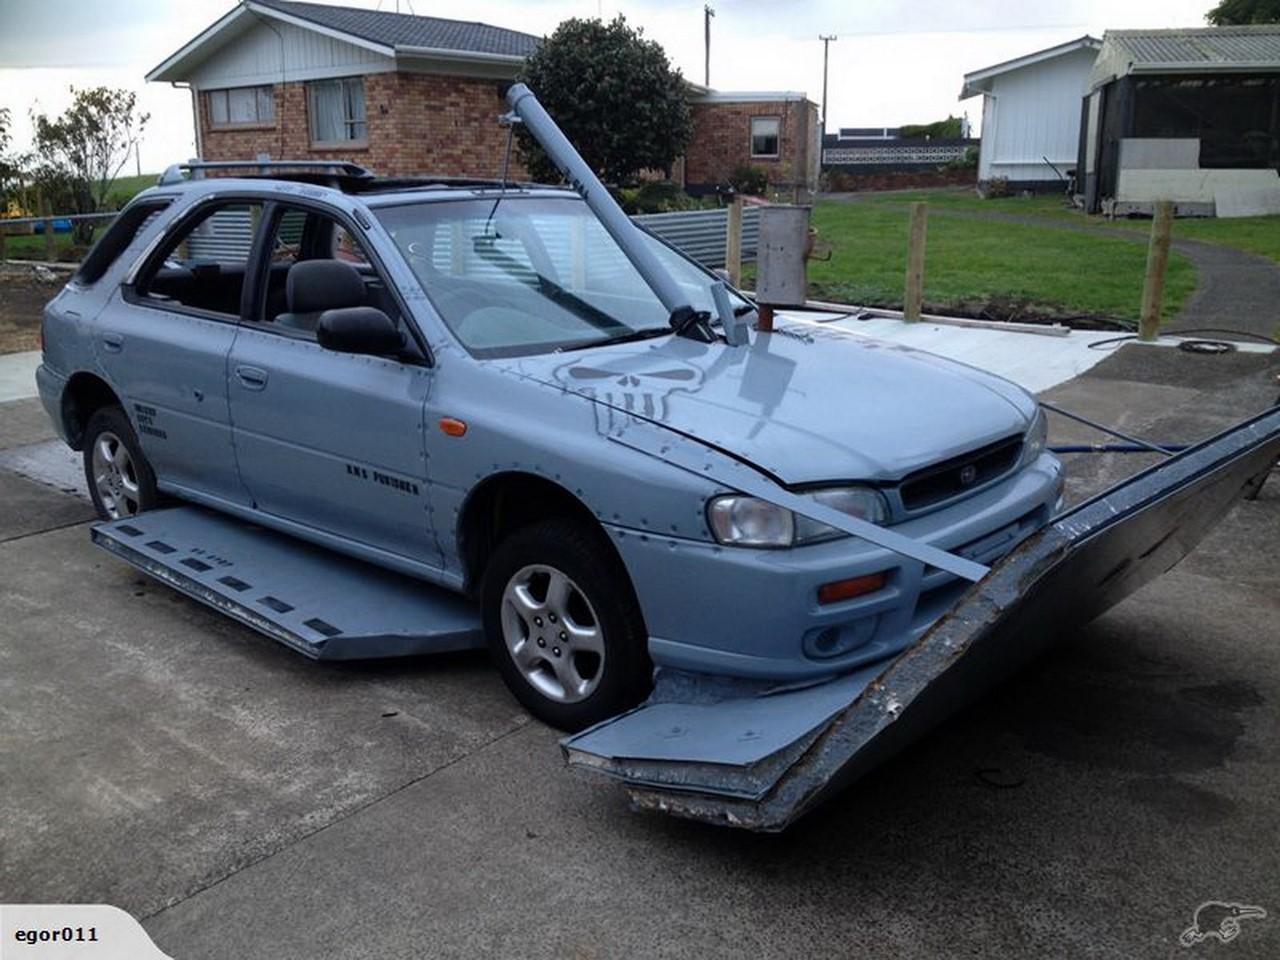 Insolite : la Subaru Impreza transformée en voiture amphibie